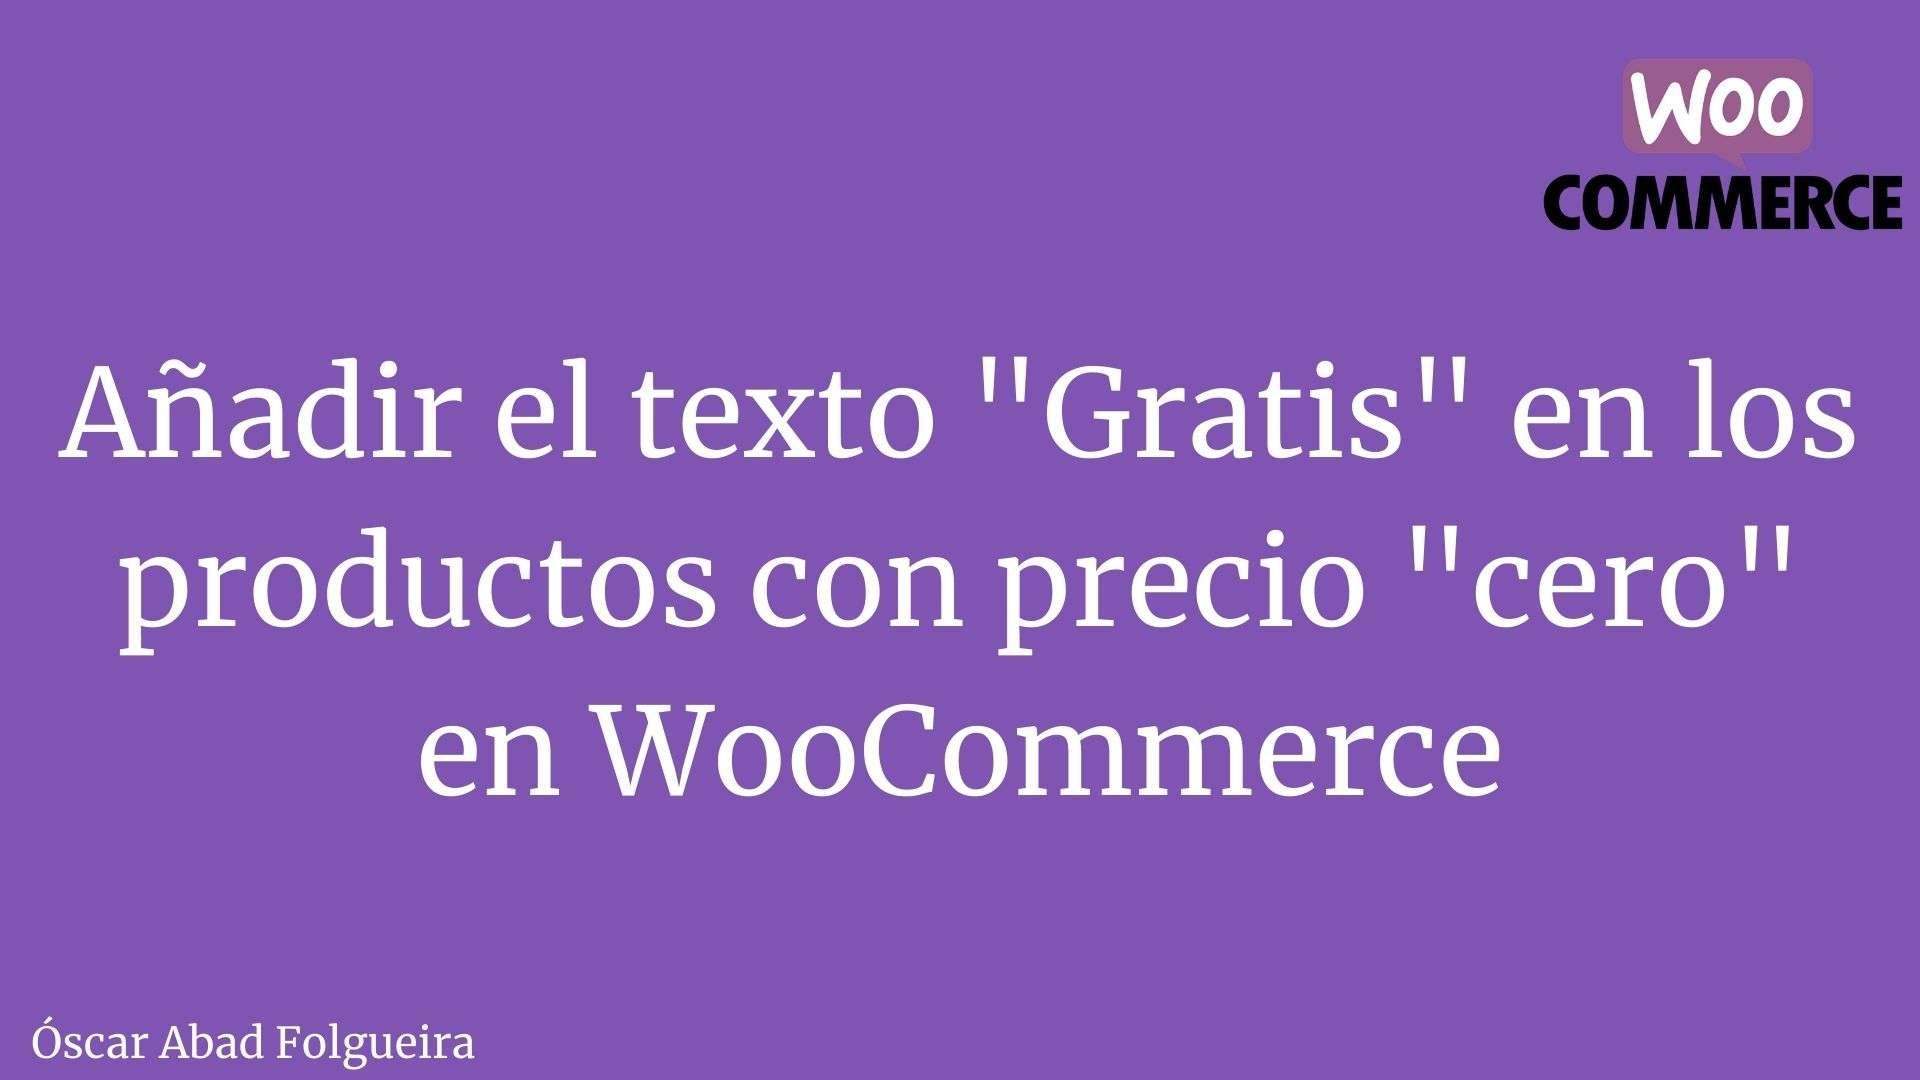 woocommerce-anadir-texto-gratis-precio-productos-cero